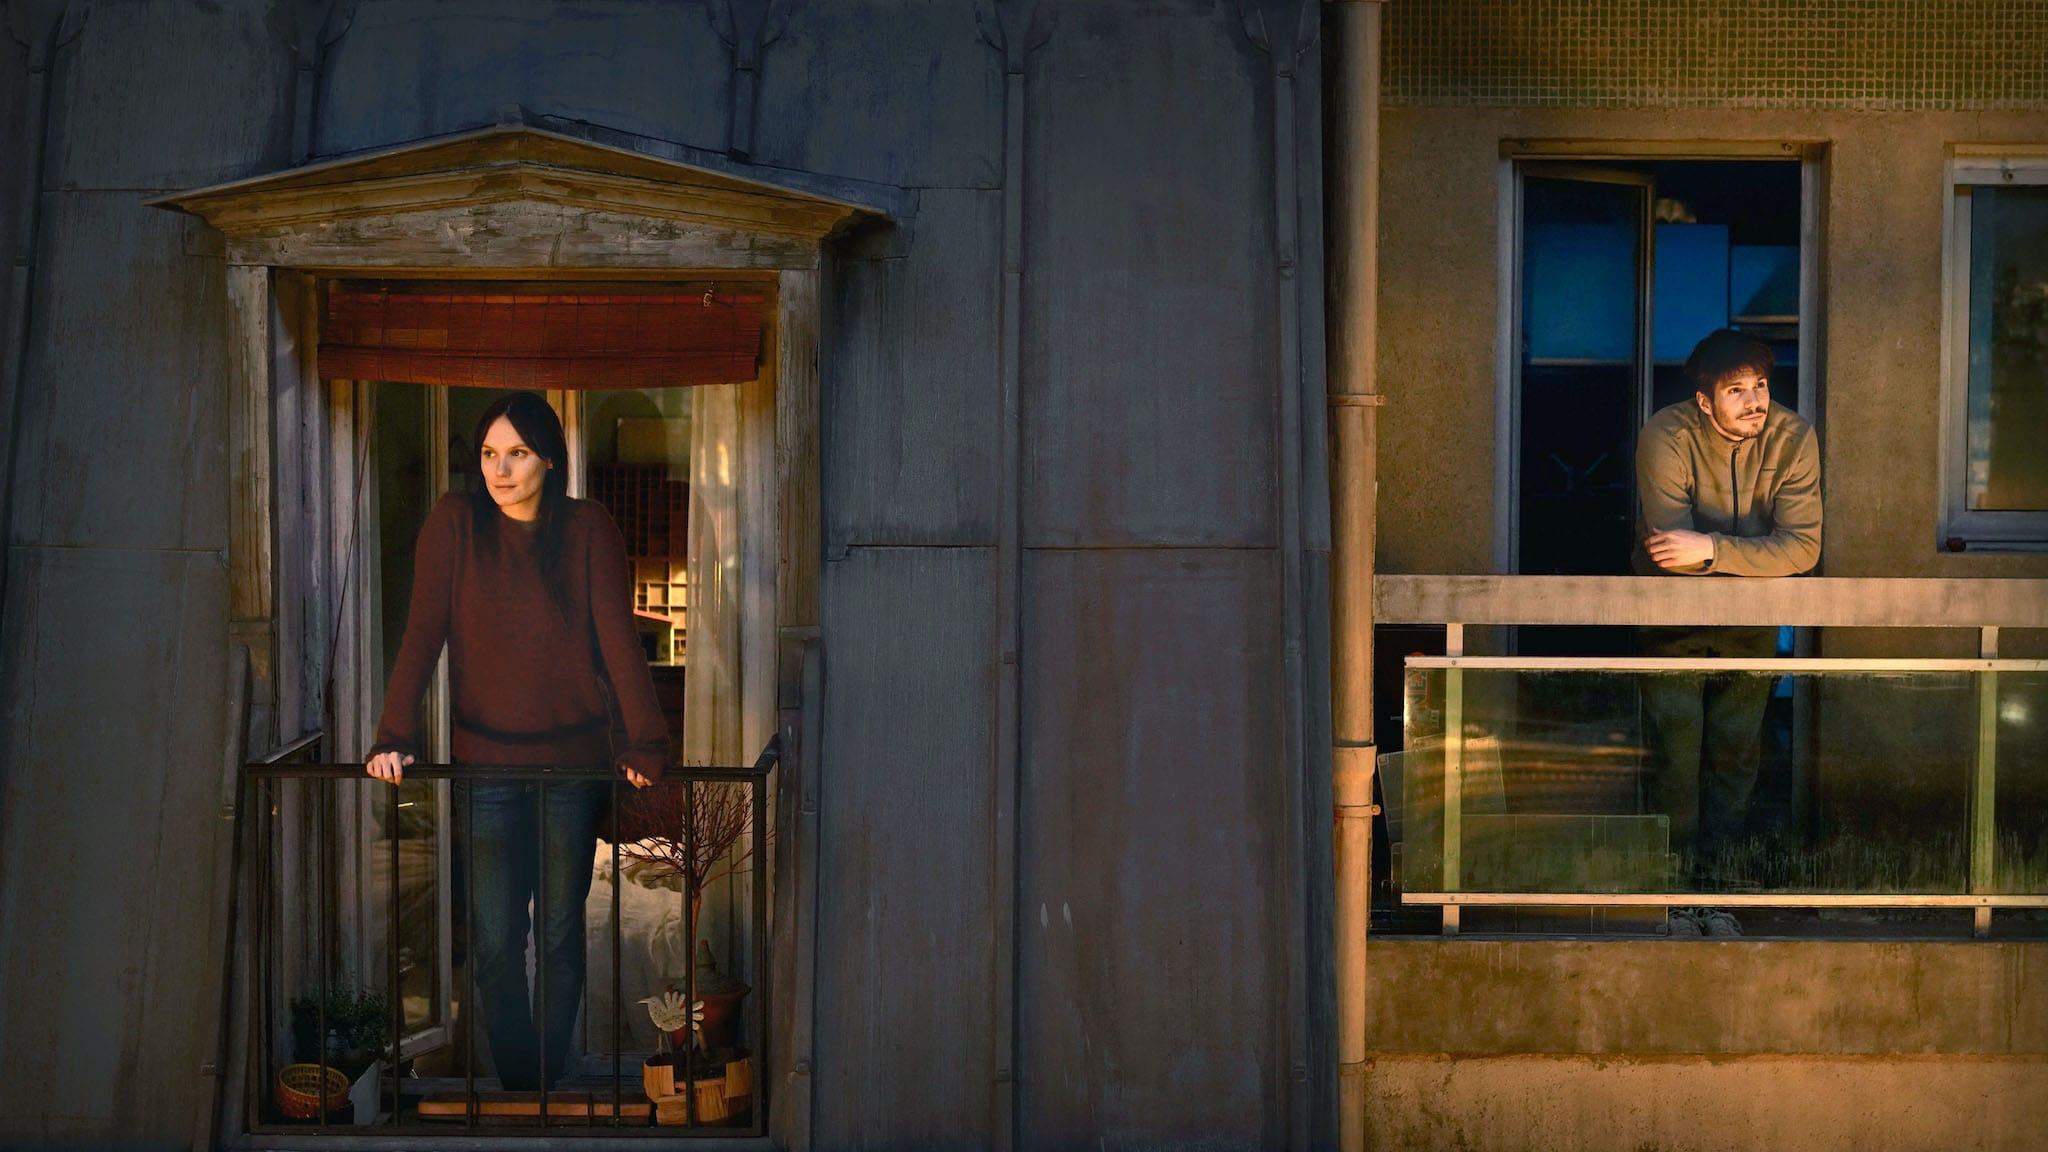 Deux Moi de Cédric Klapisch image film cinéma